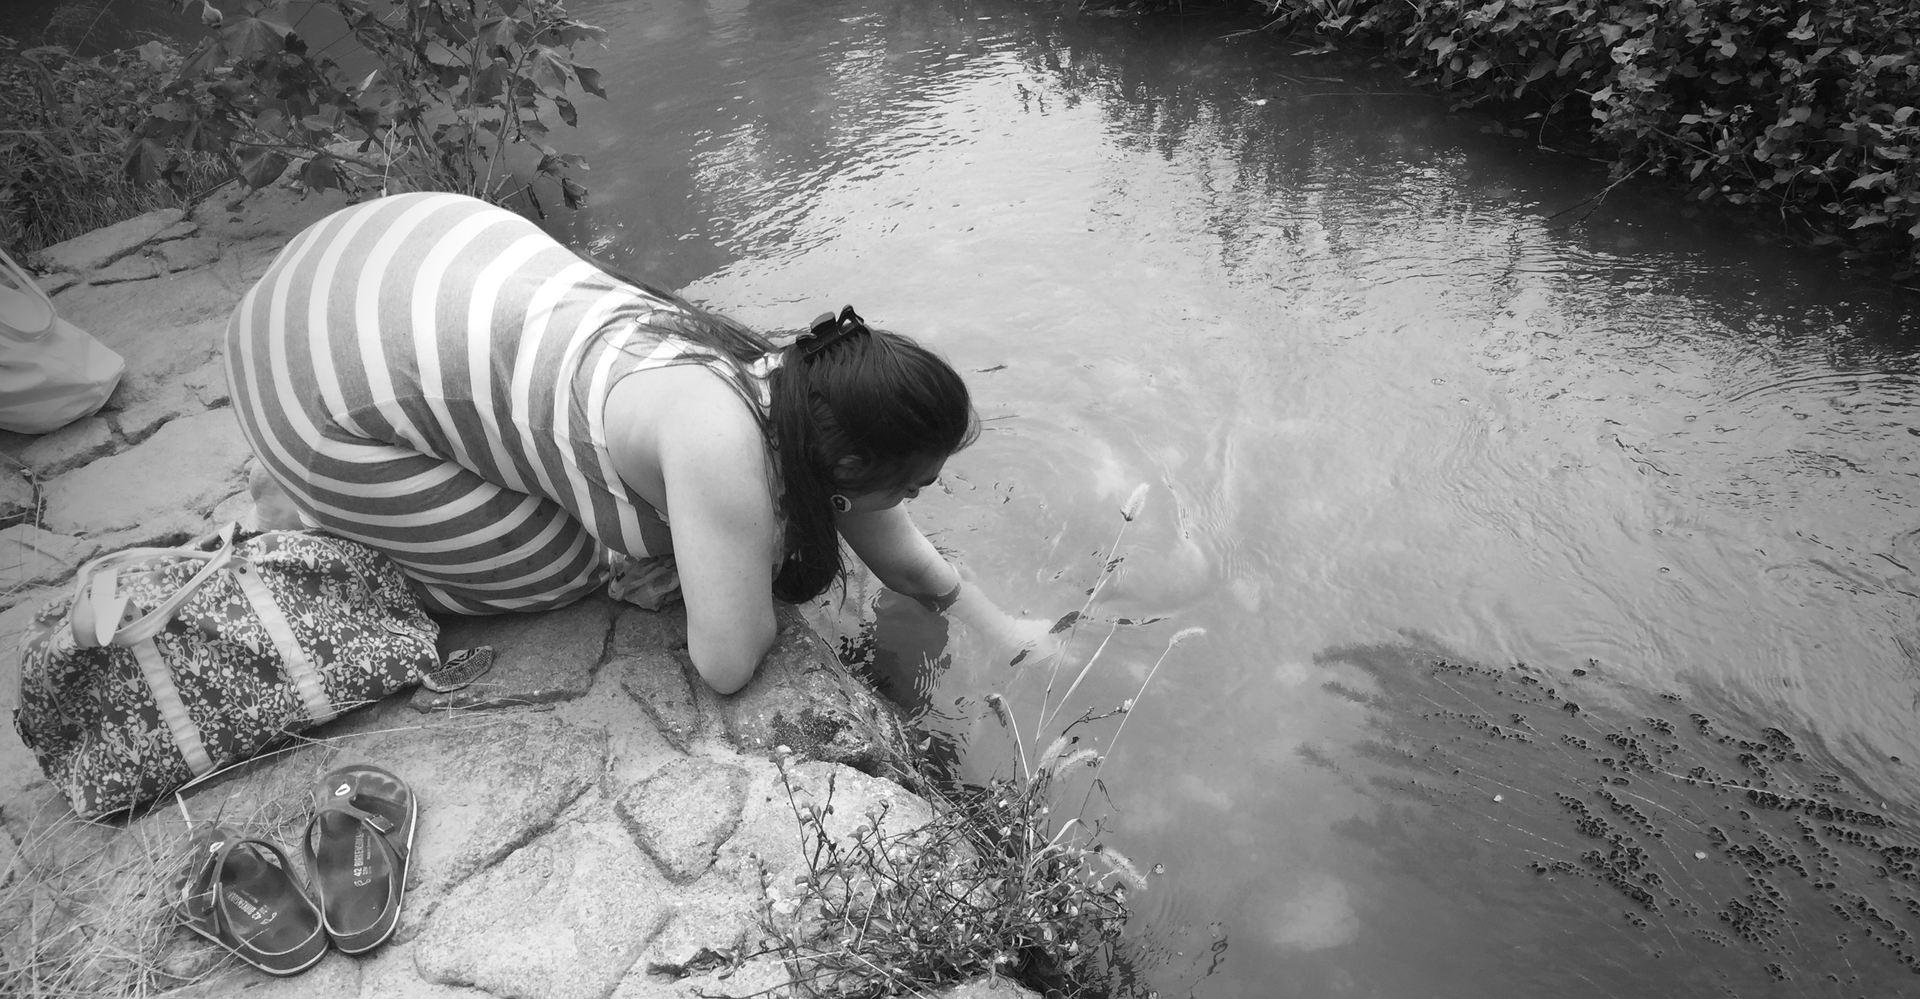 Arita river-diving